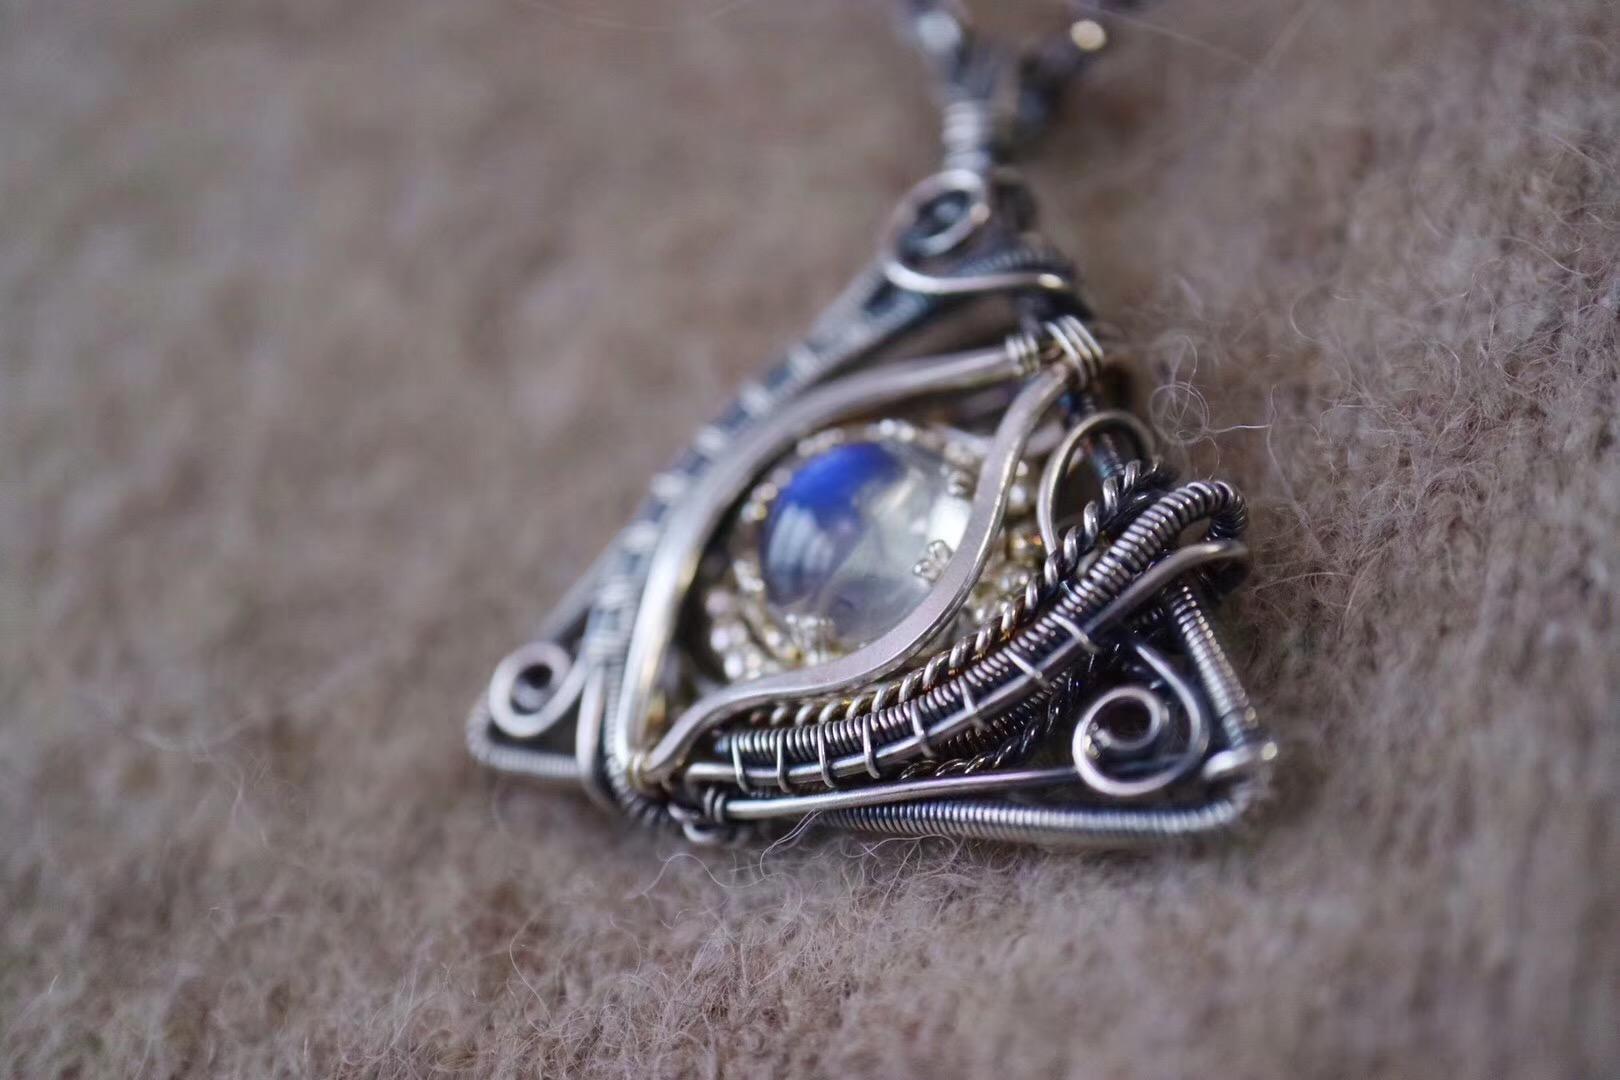 【菩心-月光石】智慧之眼,守护主人,开启对人世最正的目光。-菩心晶舍